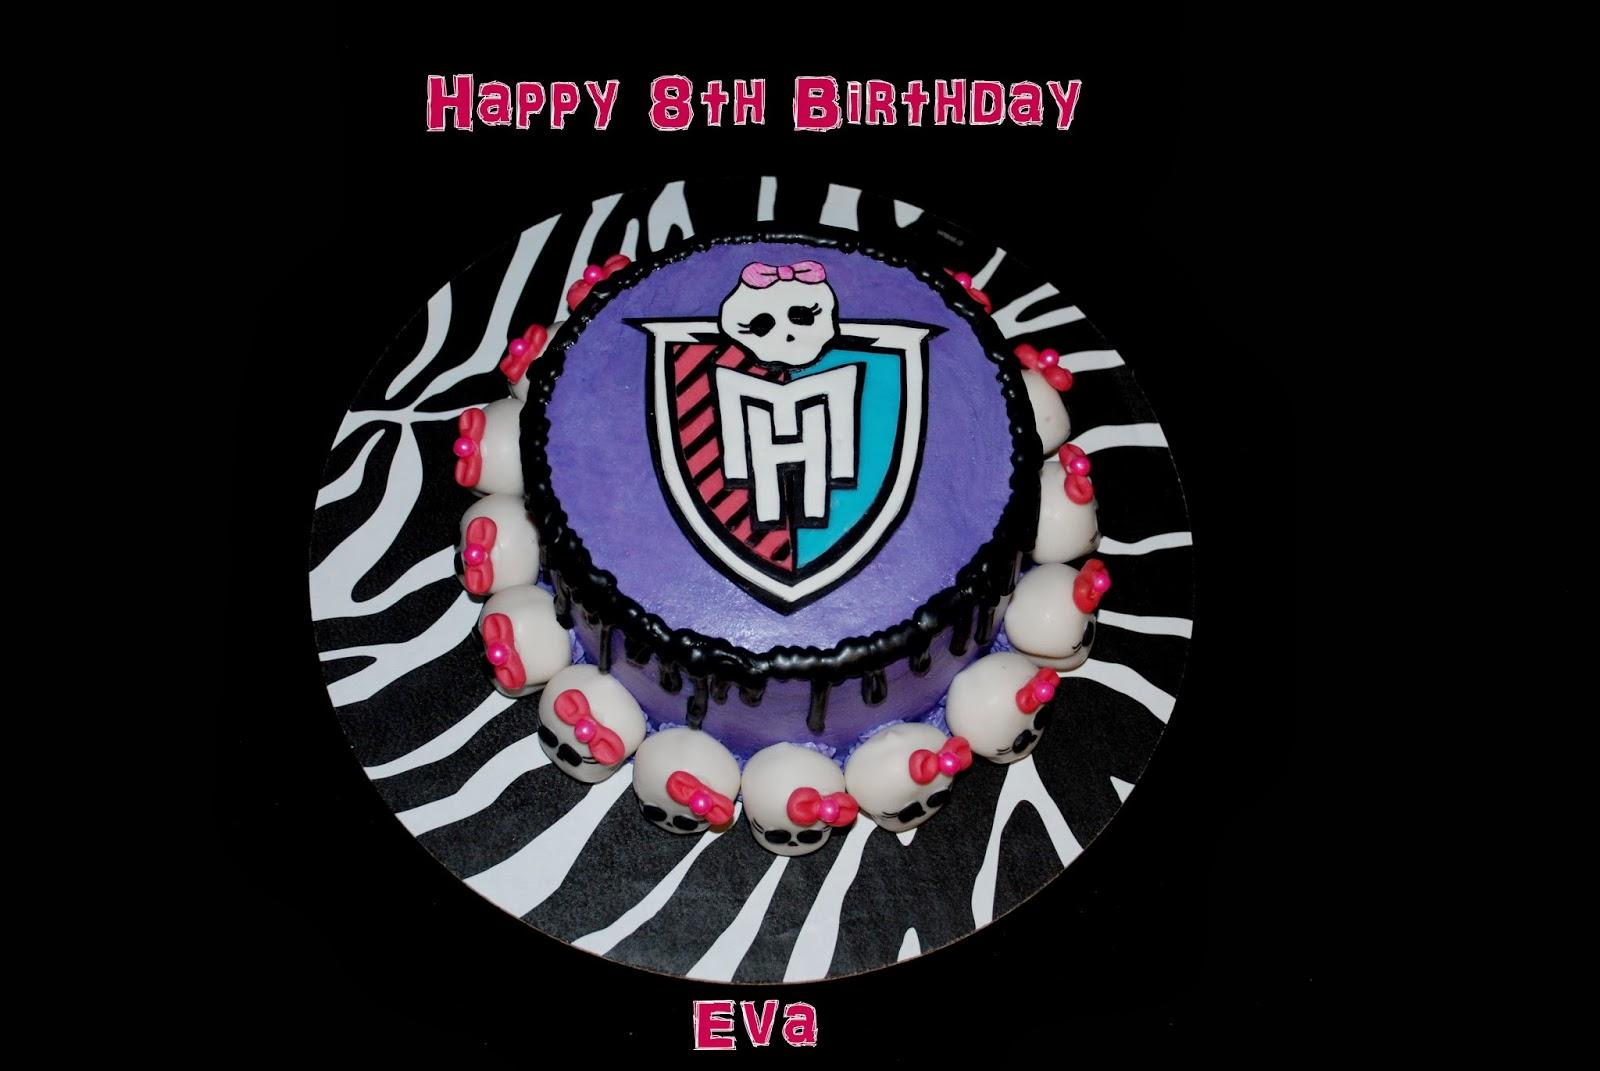 Zoeys delights monster high cake pops monster high cake monster high cake pops monster high cake biocorpaavc